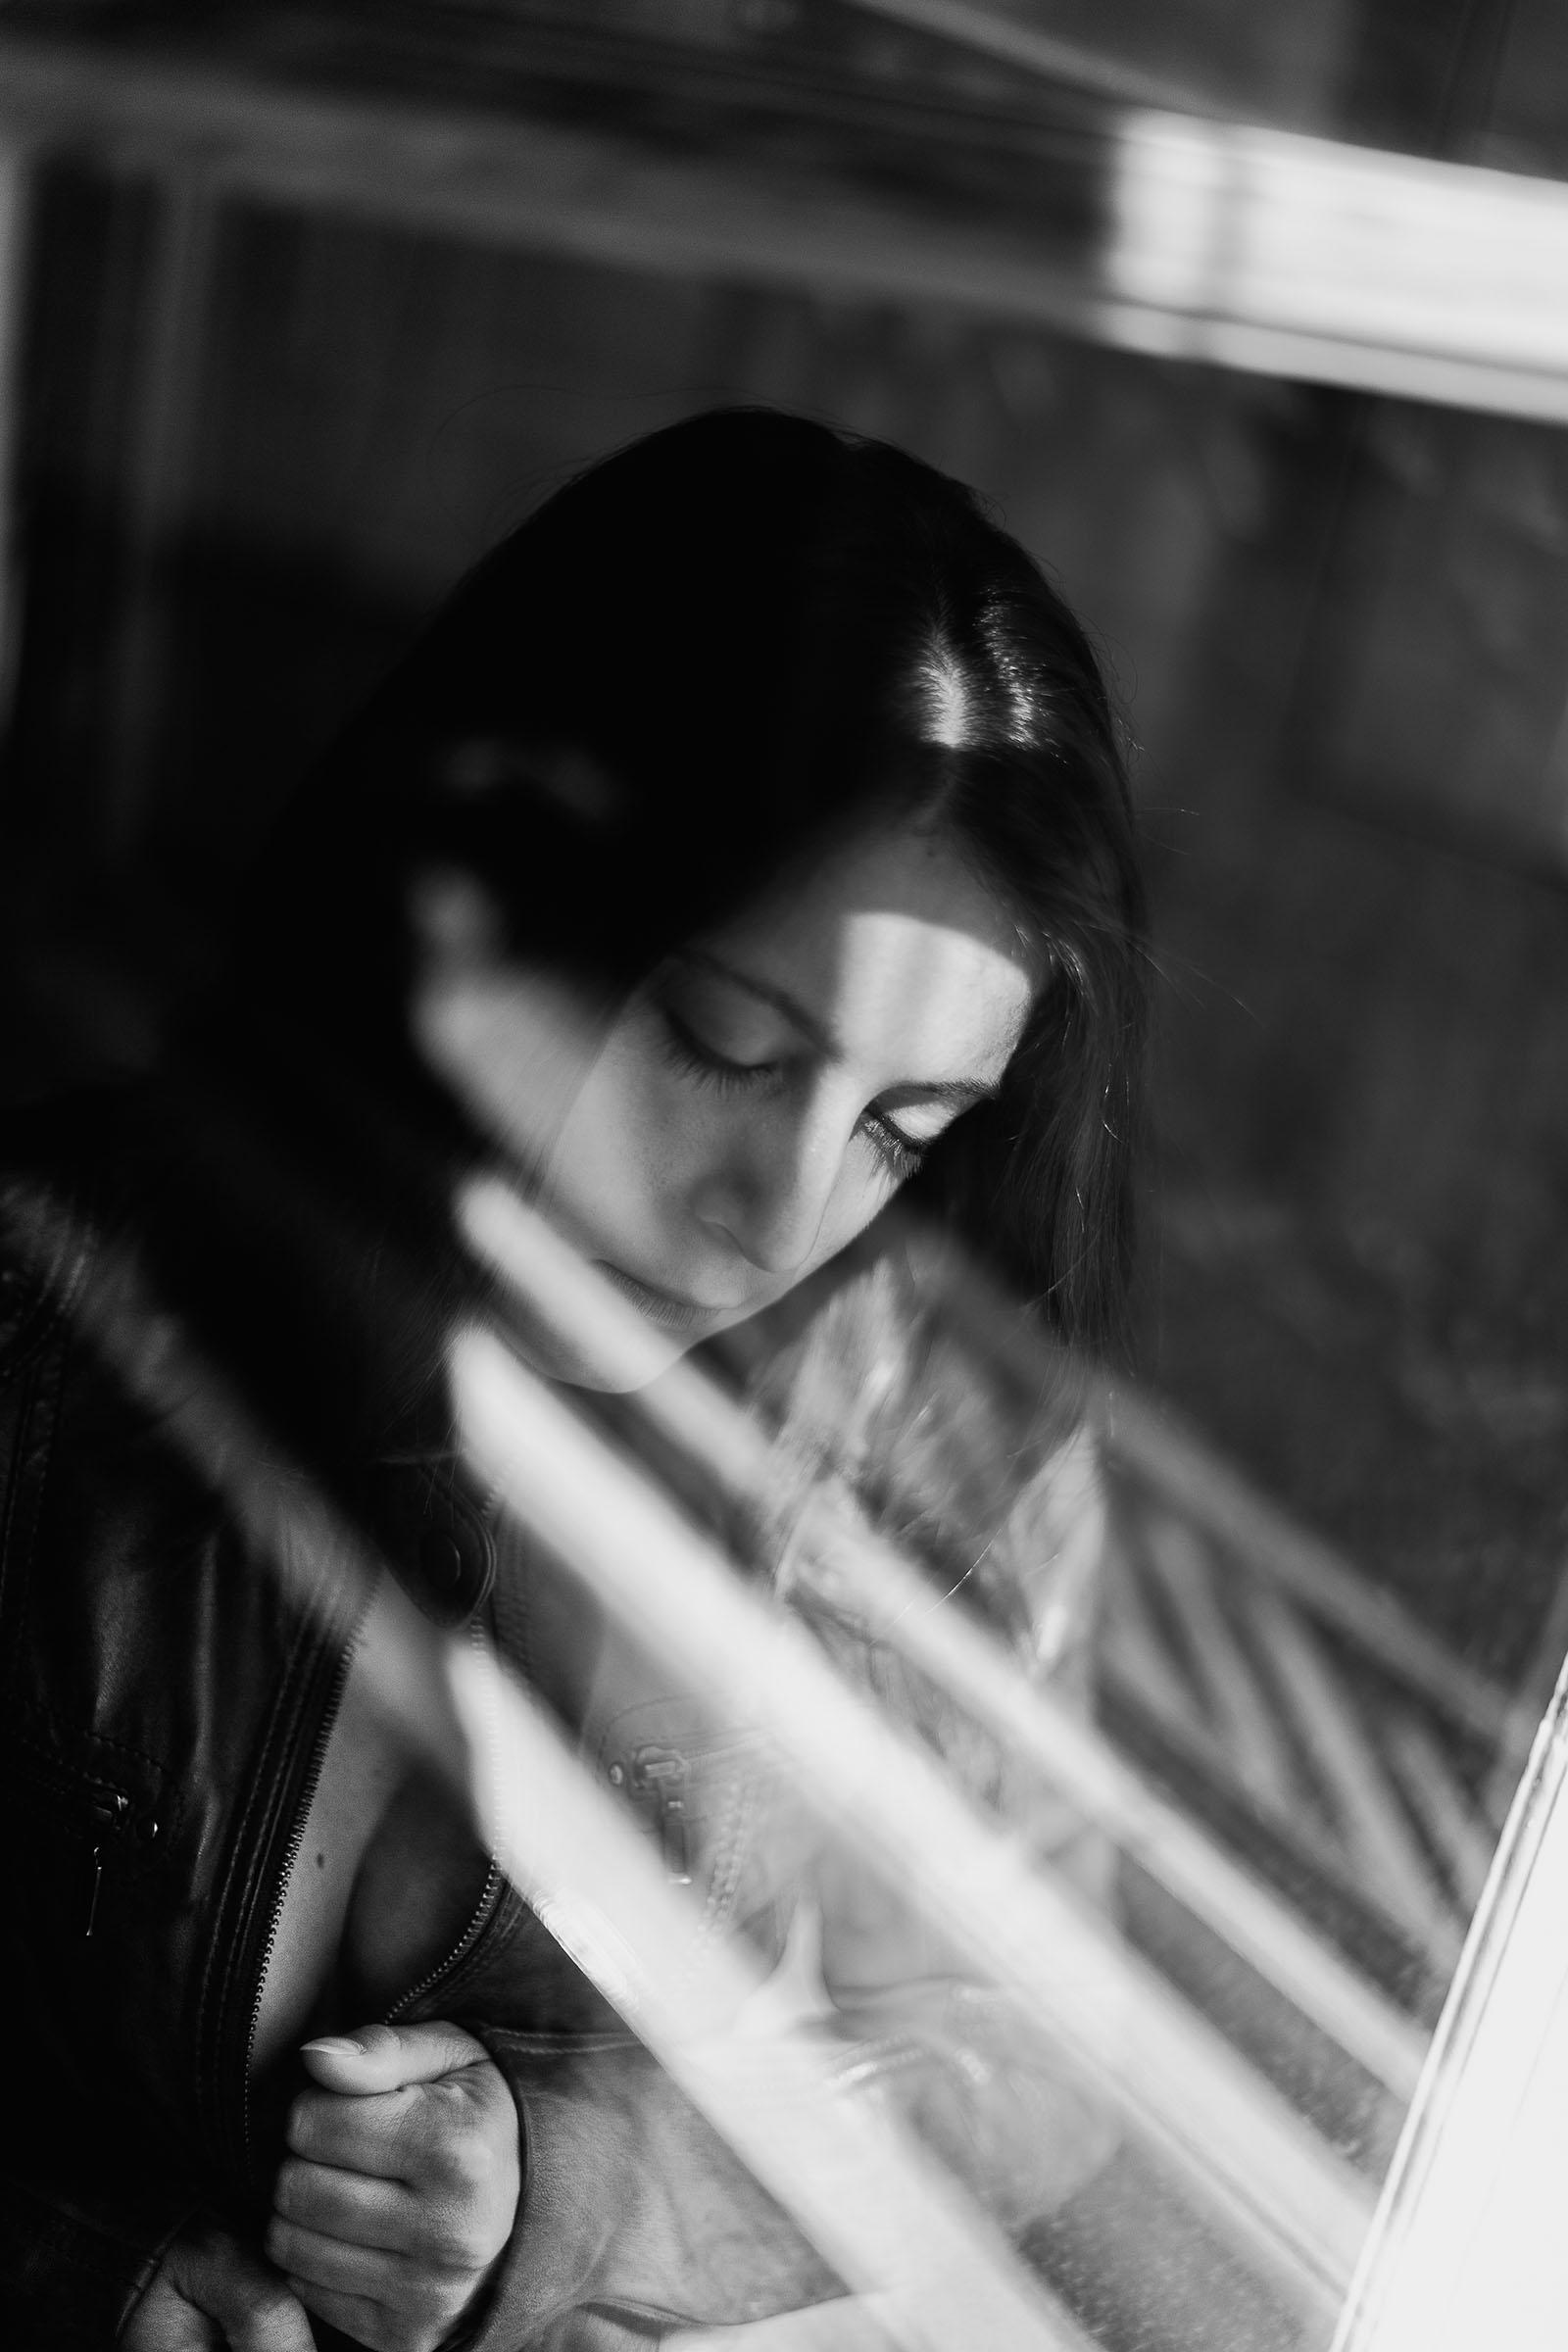 Du glamour, des courbes et une belle lumière séance photo glamour à Lyon, femme sensuelle avec le reflet d'une fenêtre une veste en cuir cachant ses seins